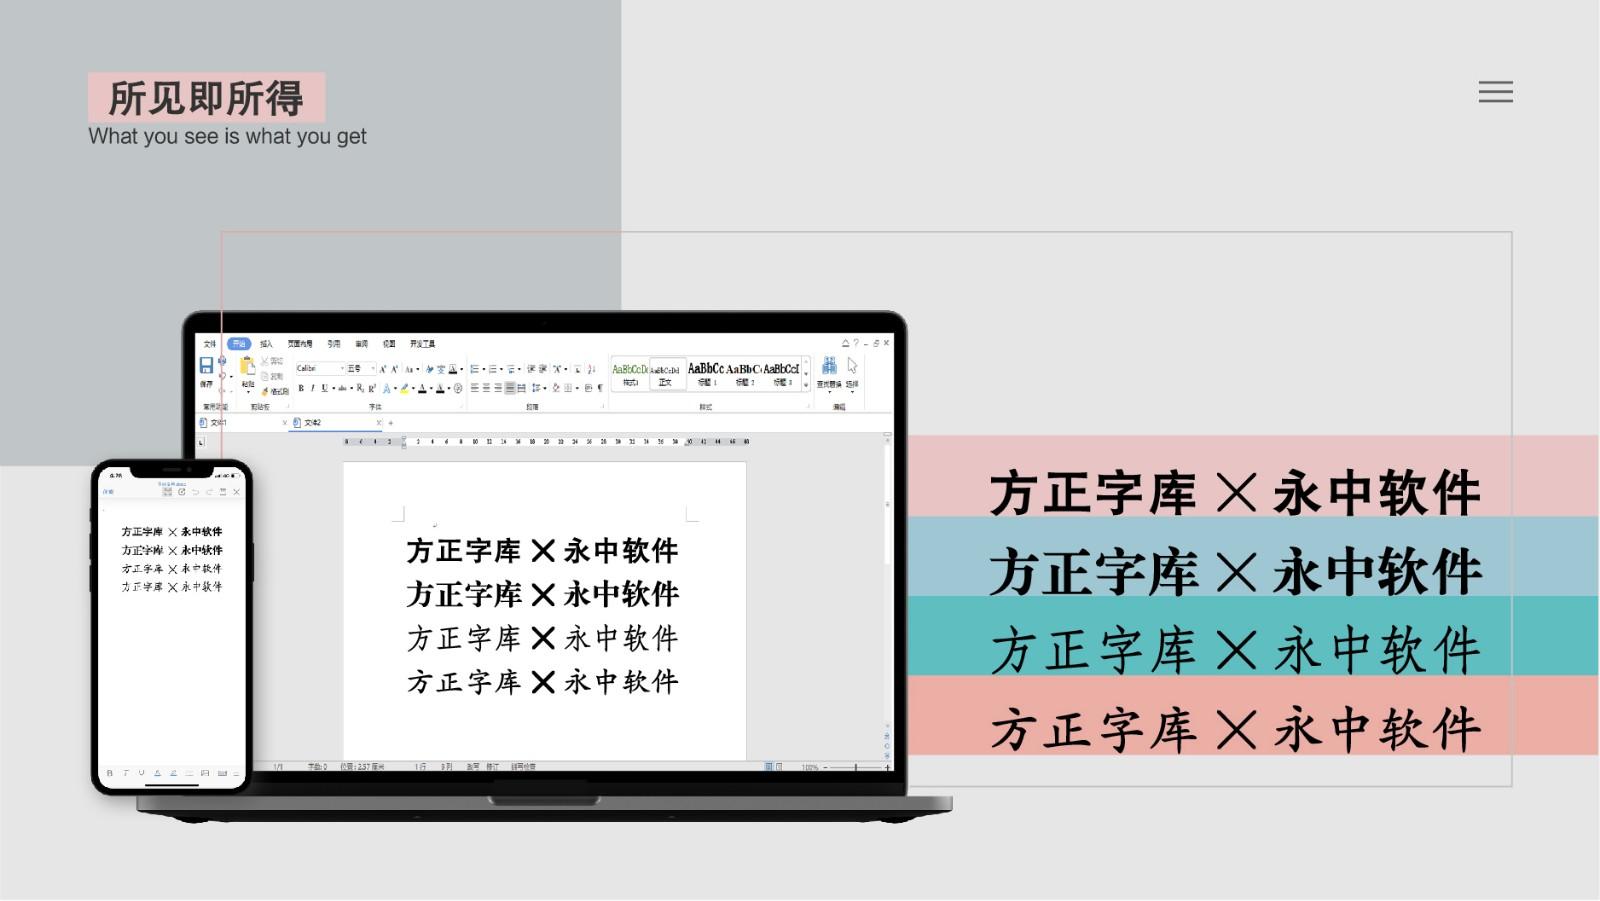 http://ft-bk1.oss-cn-zhangjiakou.aliyuncs.com/Public/Uploads/img/n_content_20200810174426_1450.jpg